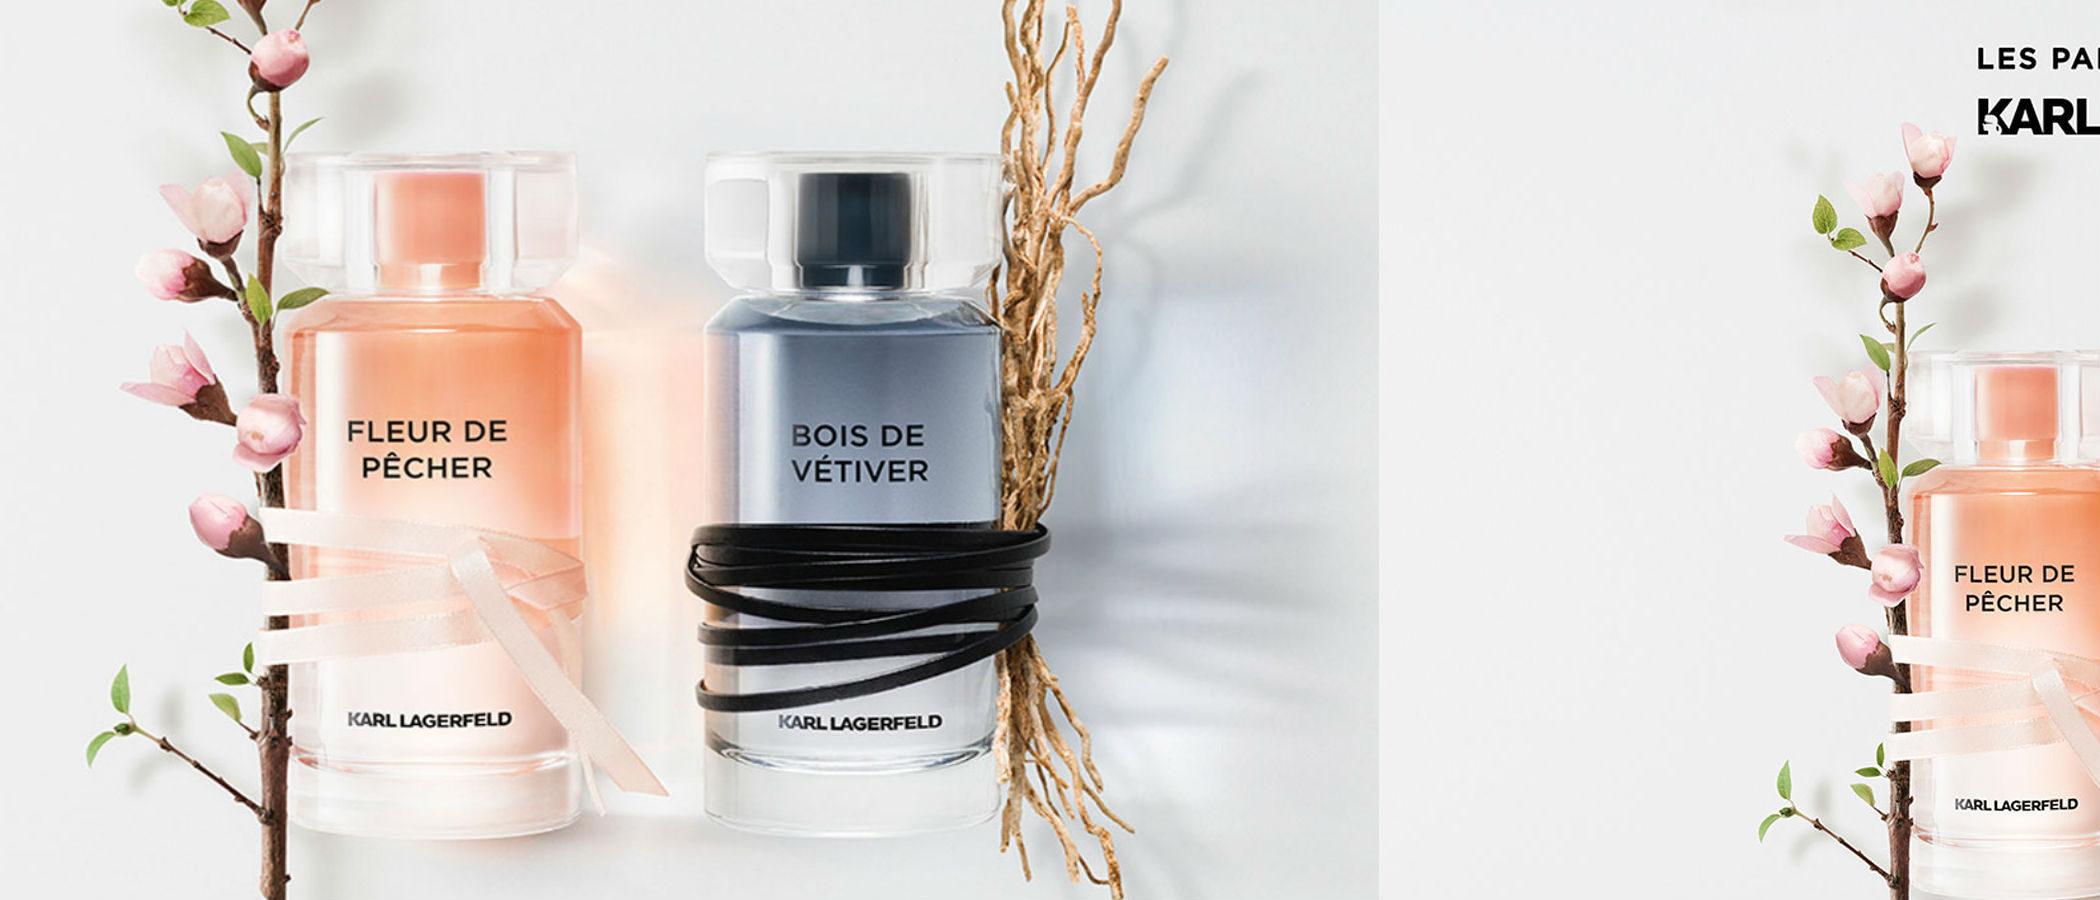 'Karl Lagerfeld Parfums' y su nuevo dúo de perfumes: 'Fleur de Pêcher' para ella y 'Bois de Vétiver' para él